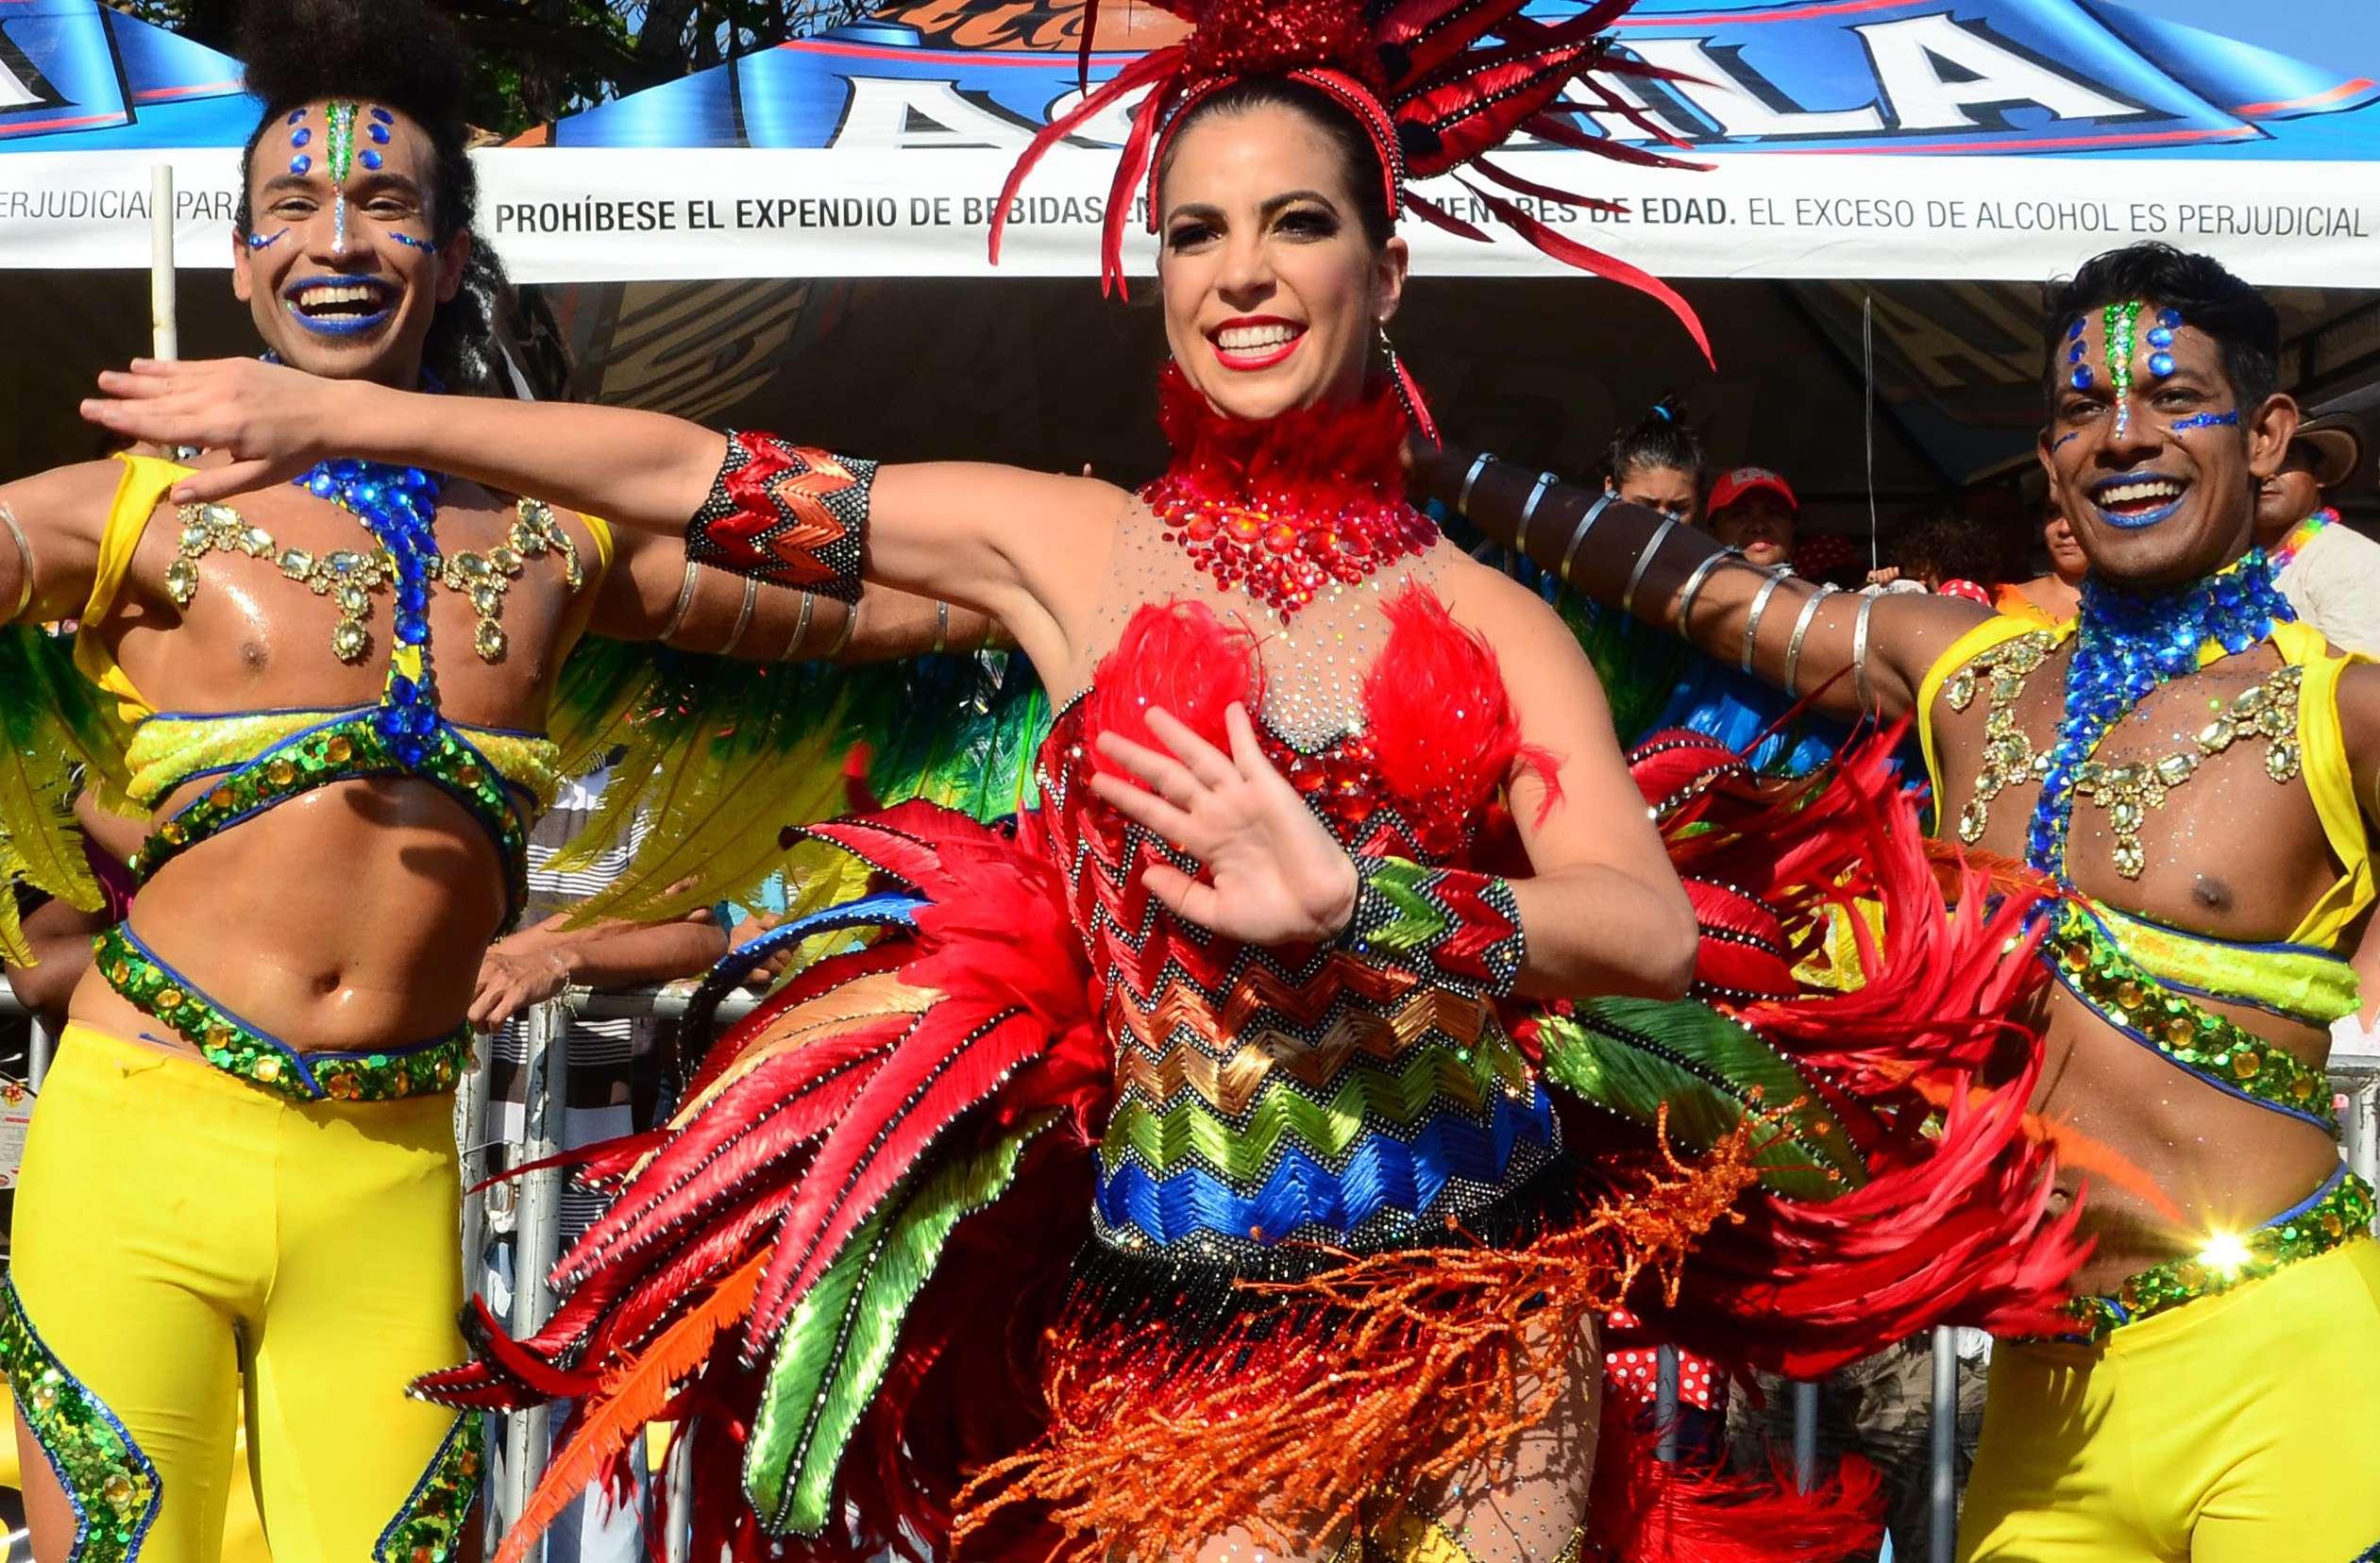 La tradición desfiló en el Carnaval de Barranquilla